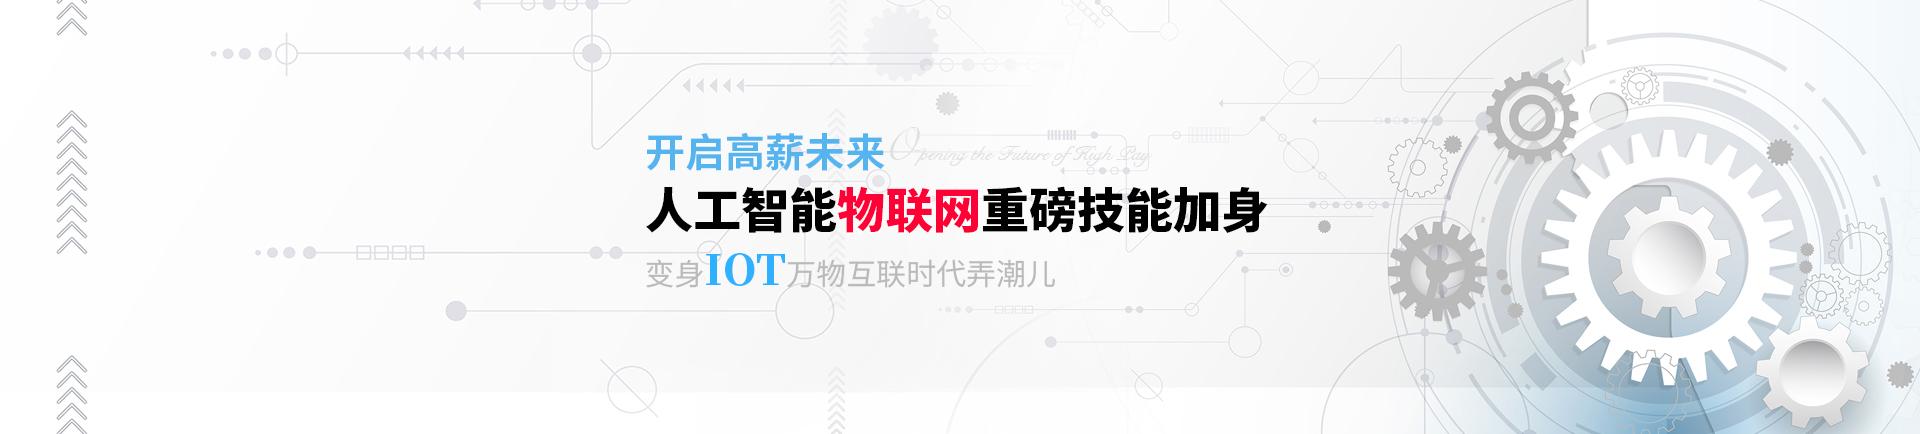 人工智能物�网�磅技能加身 �身IOT万物互�时代弄潮儿-qingdao